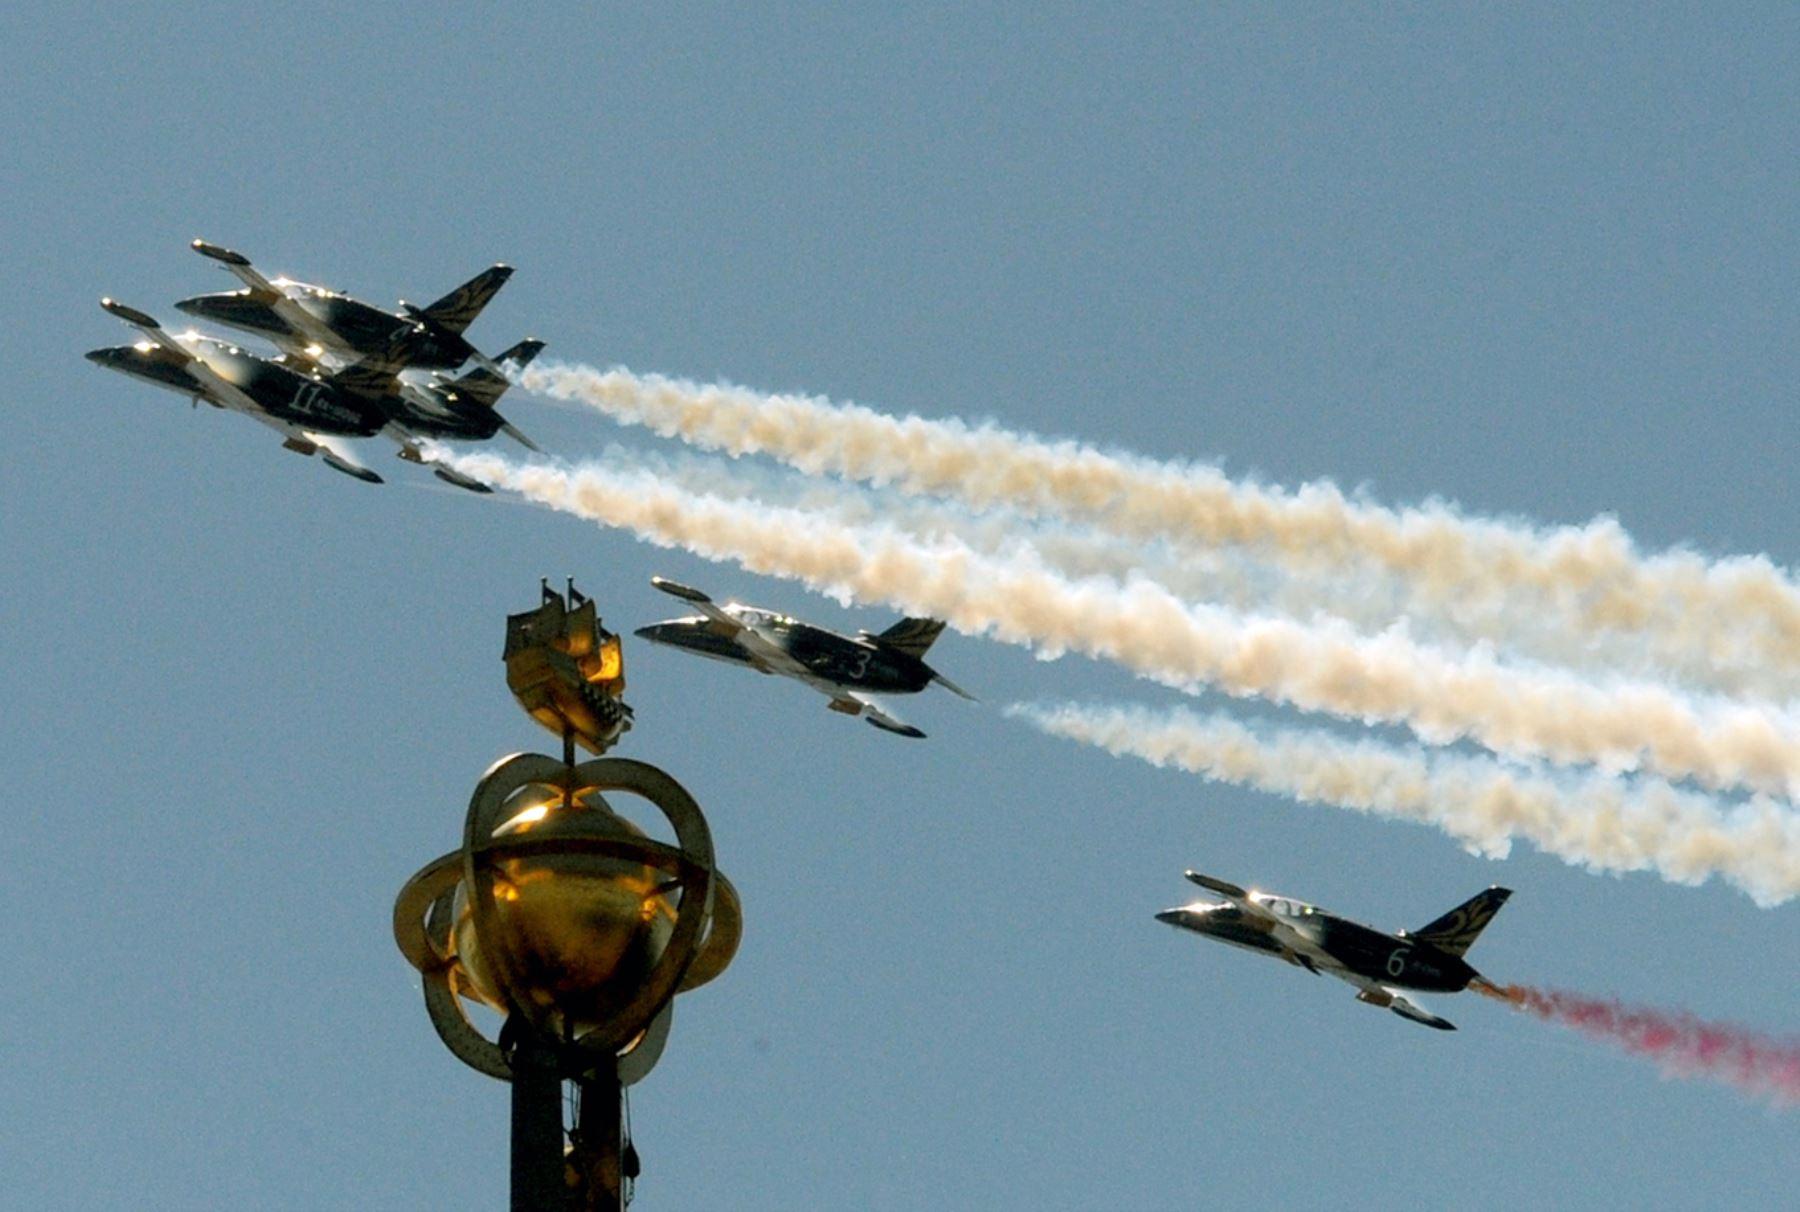 Aviones Aero L-39 Albatros realizan maniobras en el marco de la defensa marítima del Salón Internacional de San Petersburgo. AFP PHOTO / OLGA Maltseva